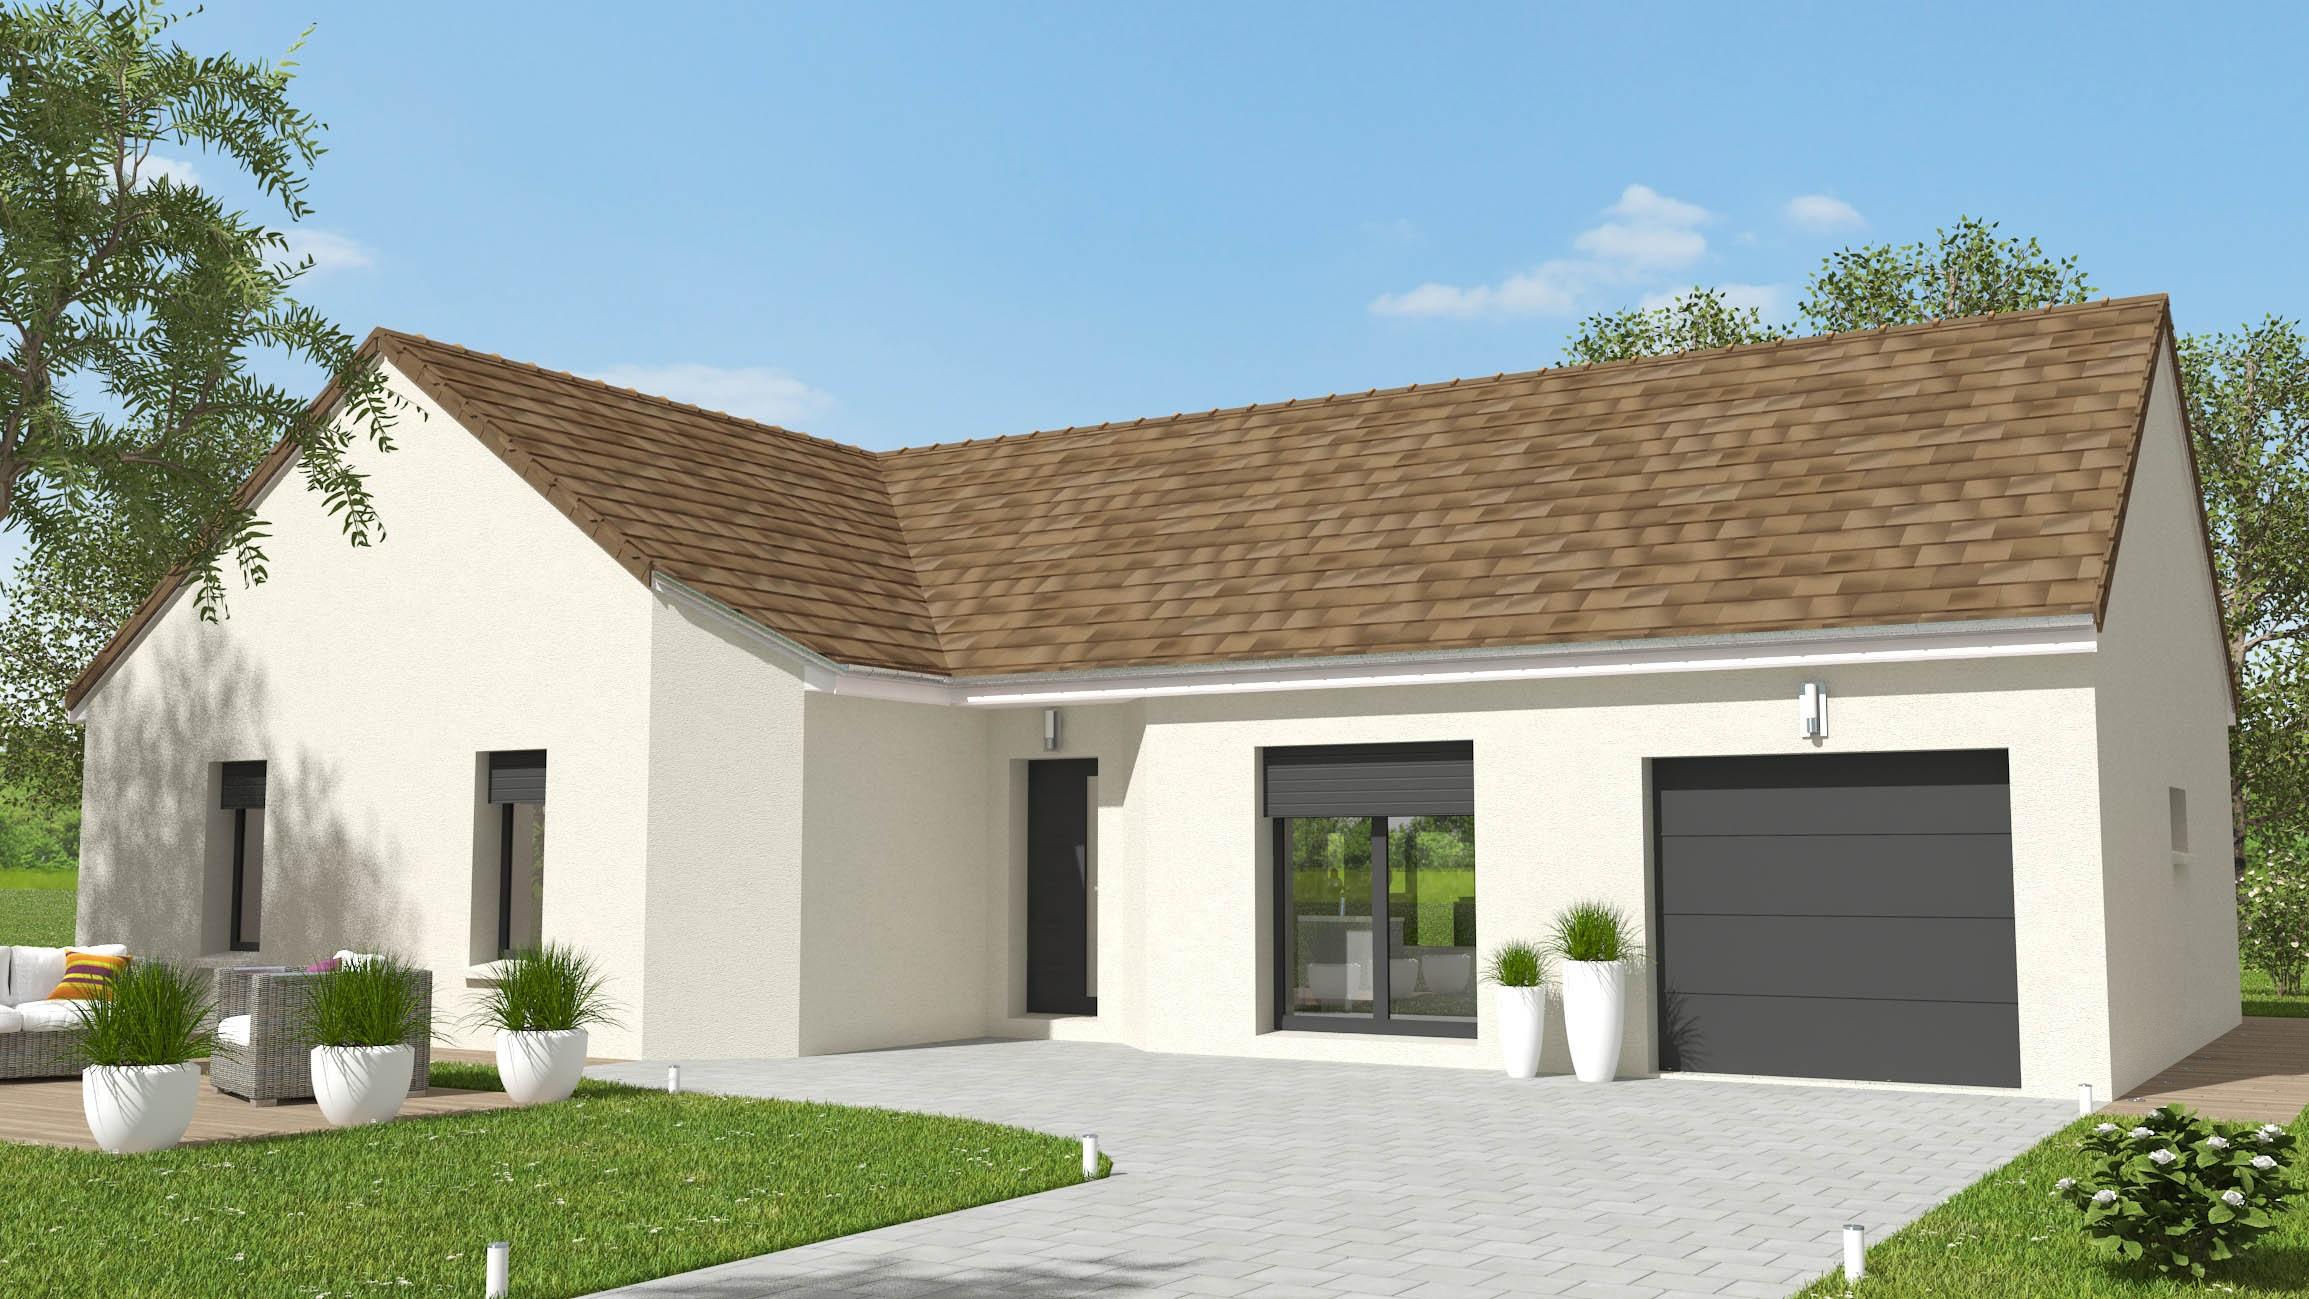 L 4 ch tuiles chevreuse - plan maison bourgogne bâtir Saône et Loire Chalon sur Saône